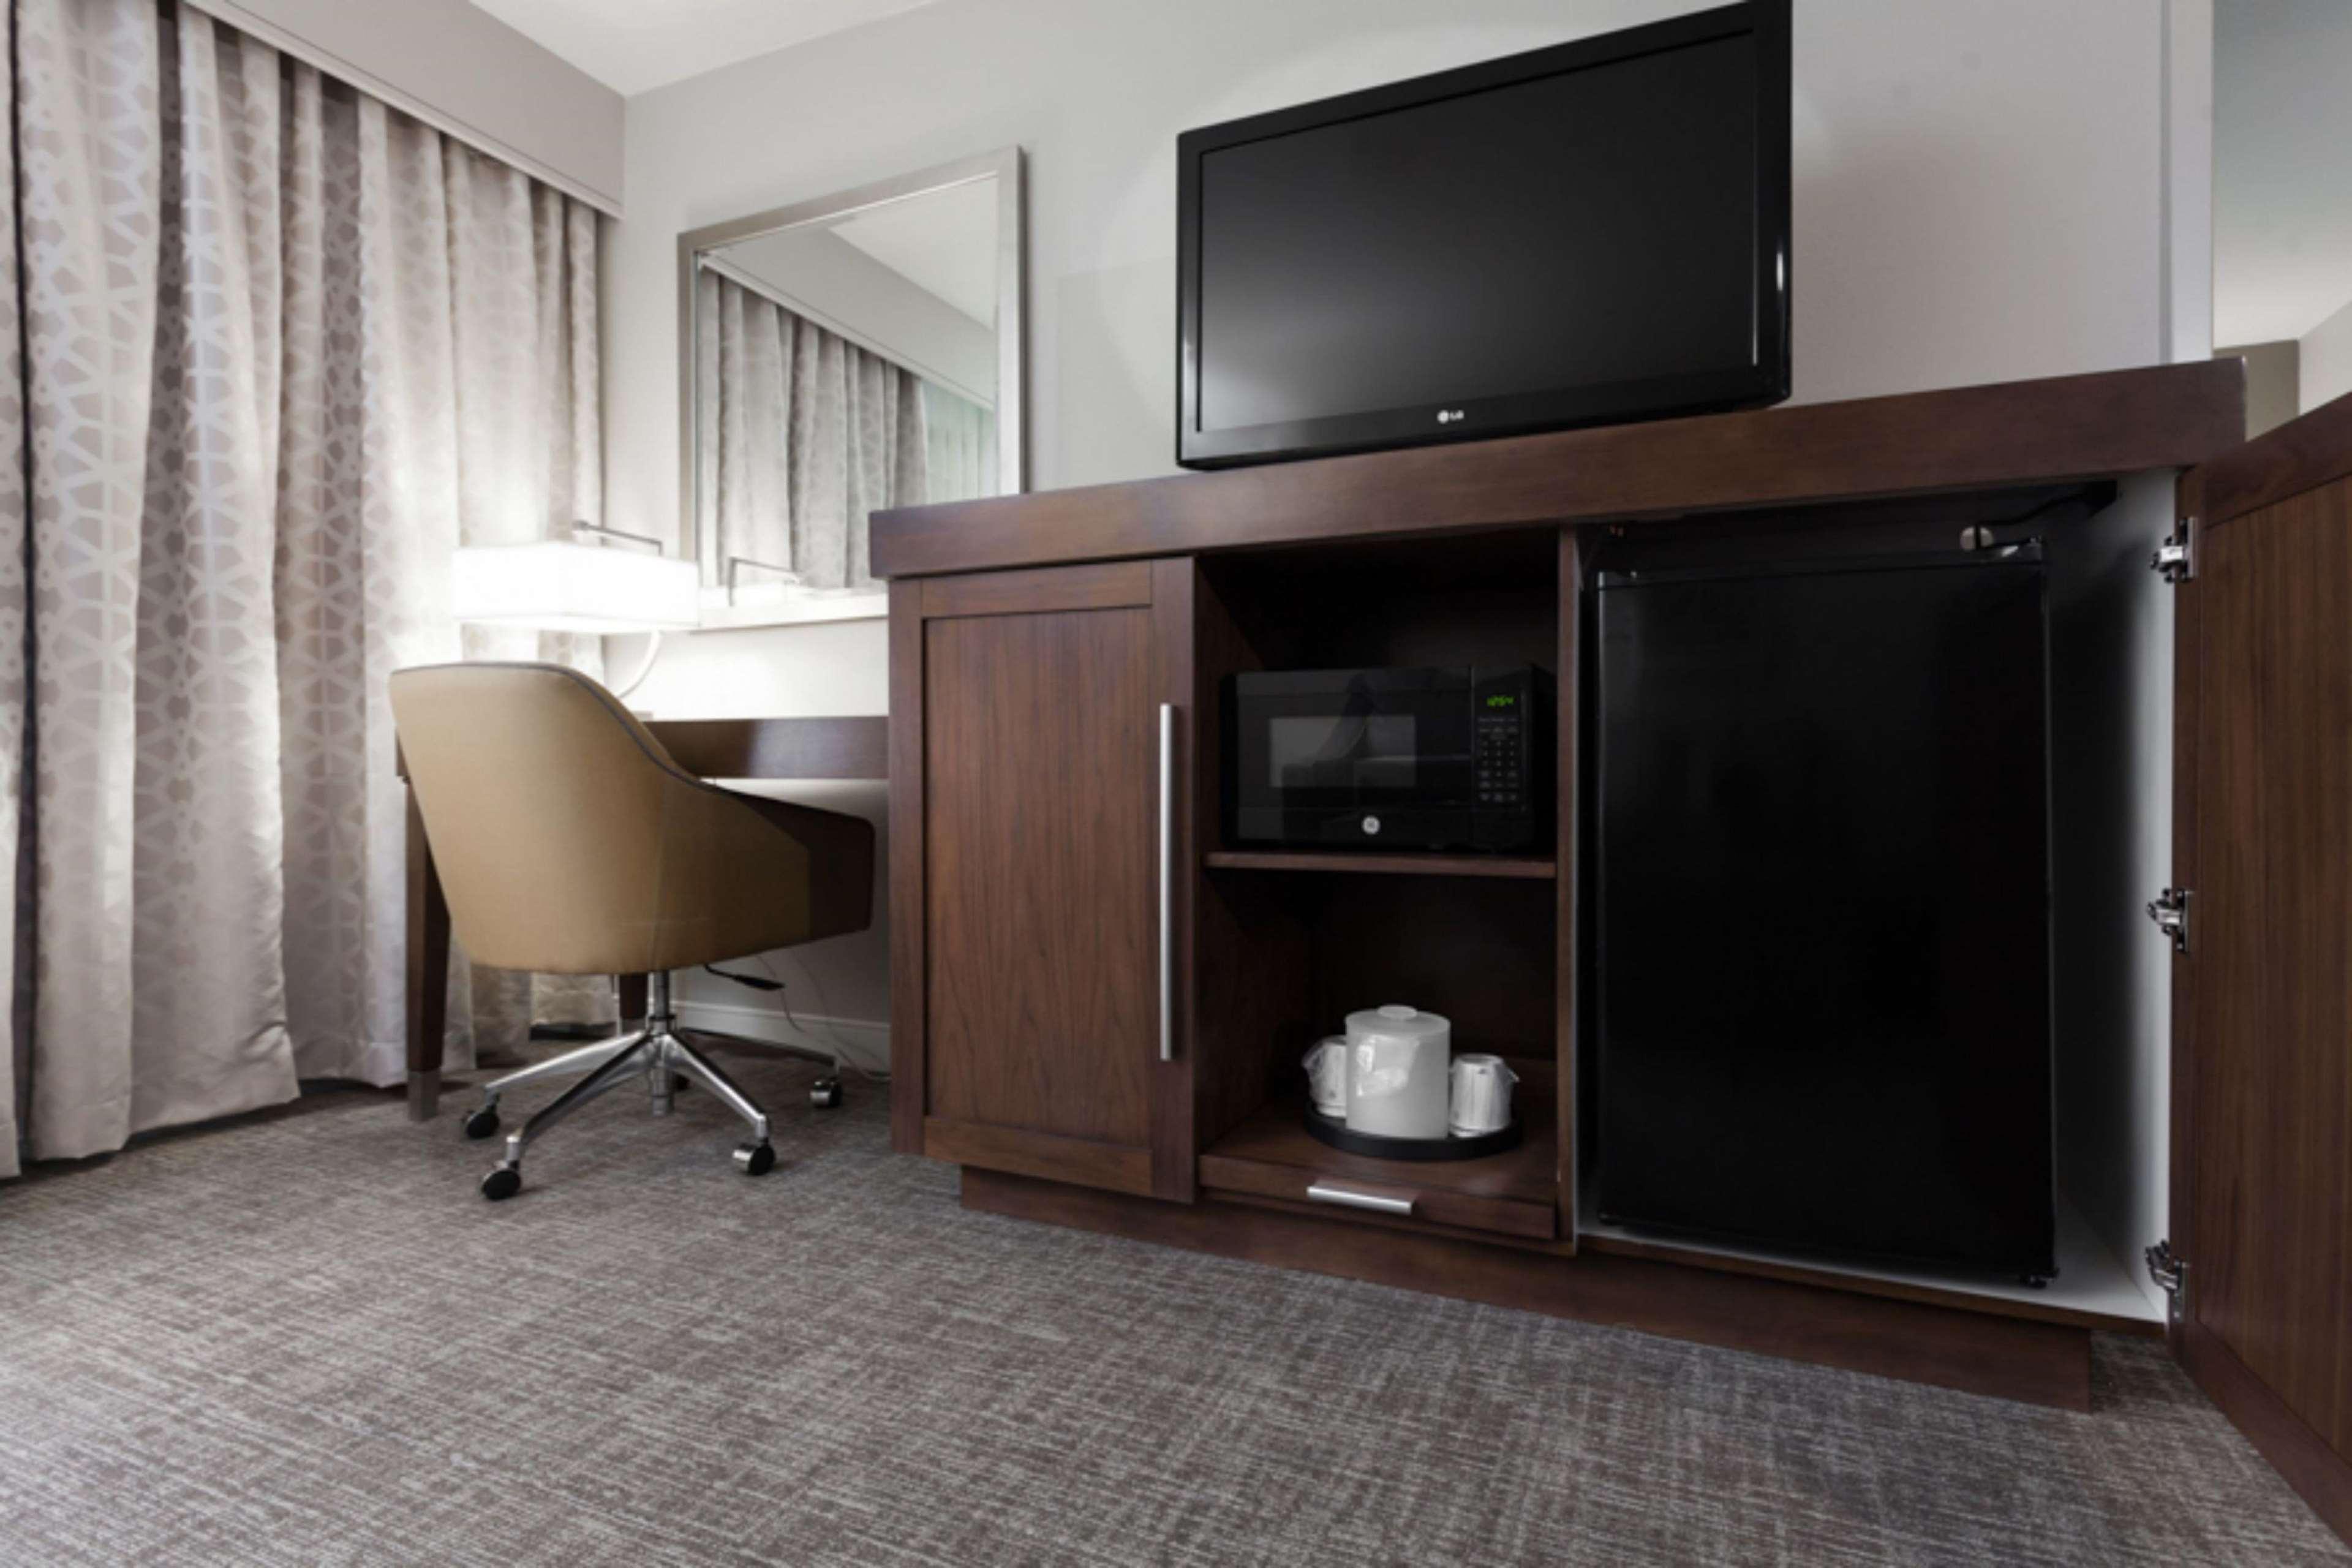 Hampton Inn & Suites Dallas-DFW Airport North-Grapevine in Grapevine, TX, photo #28